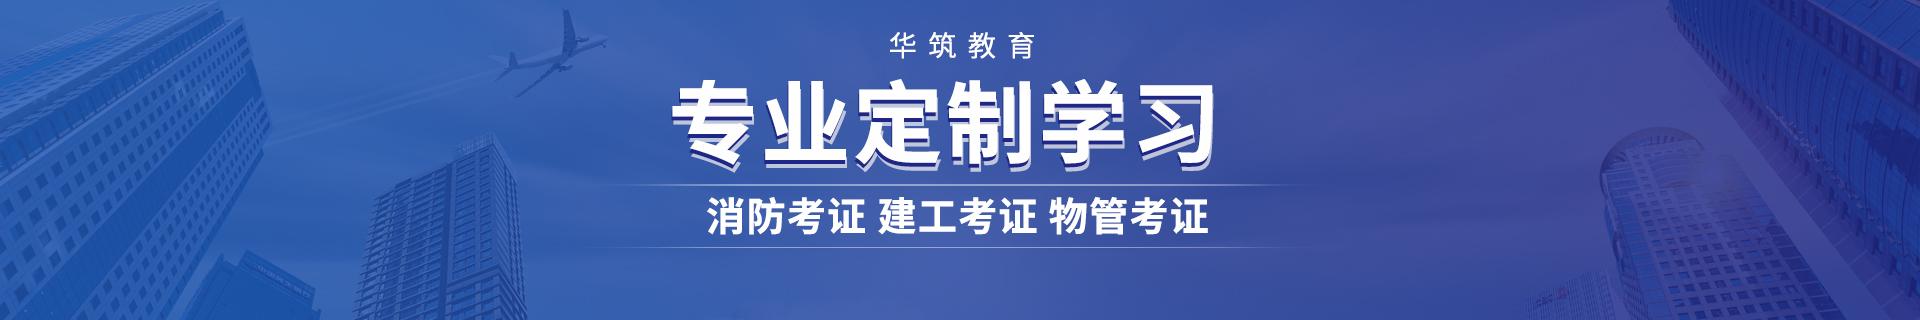 上海宝山区华筑教育